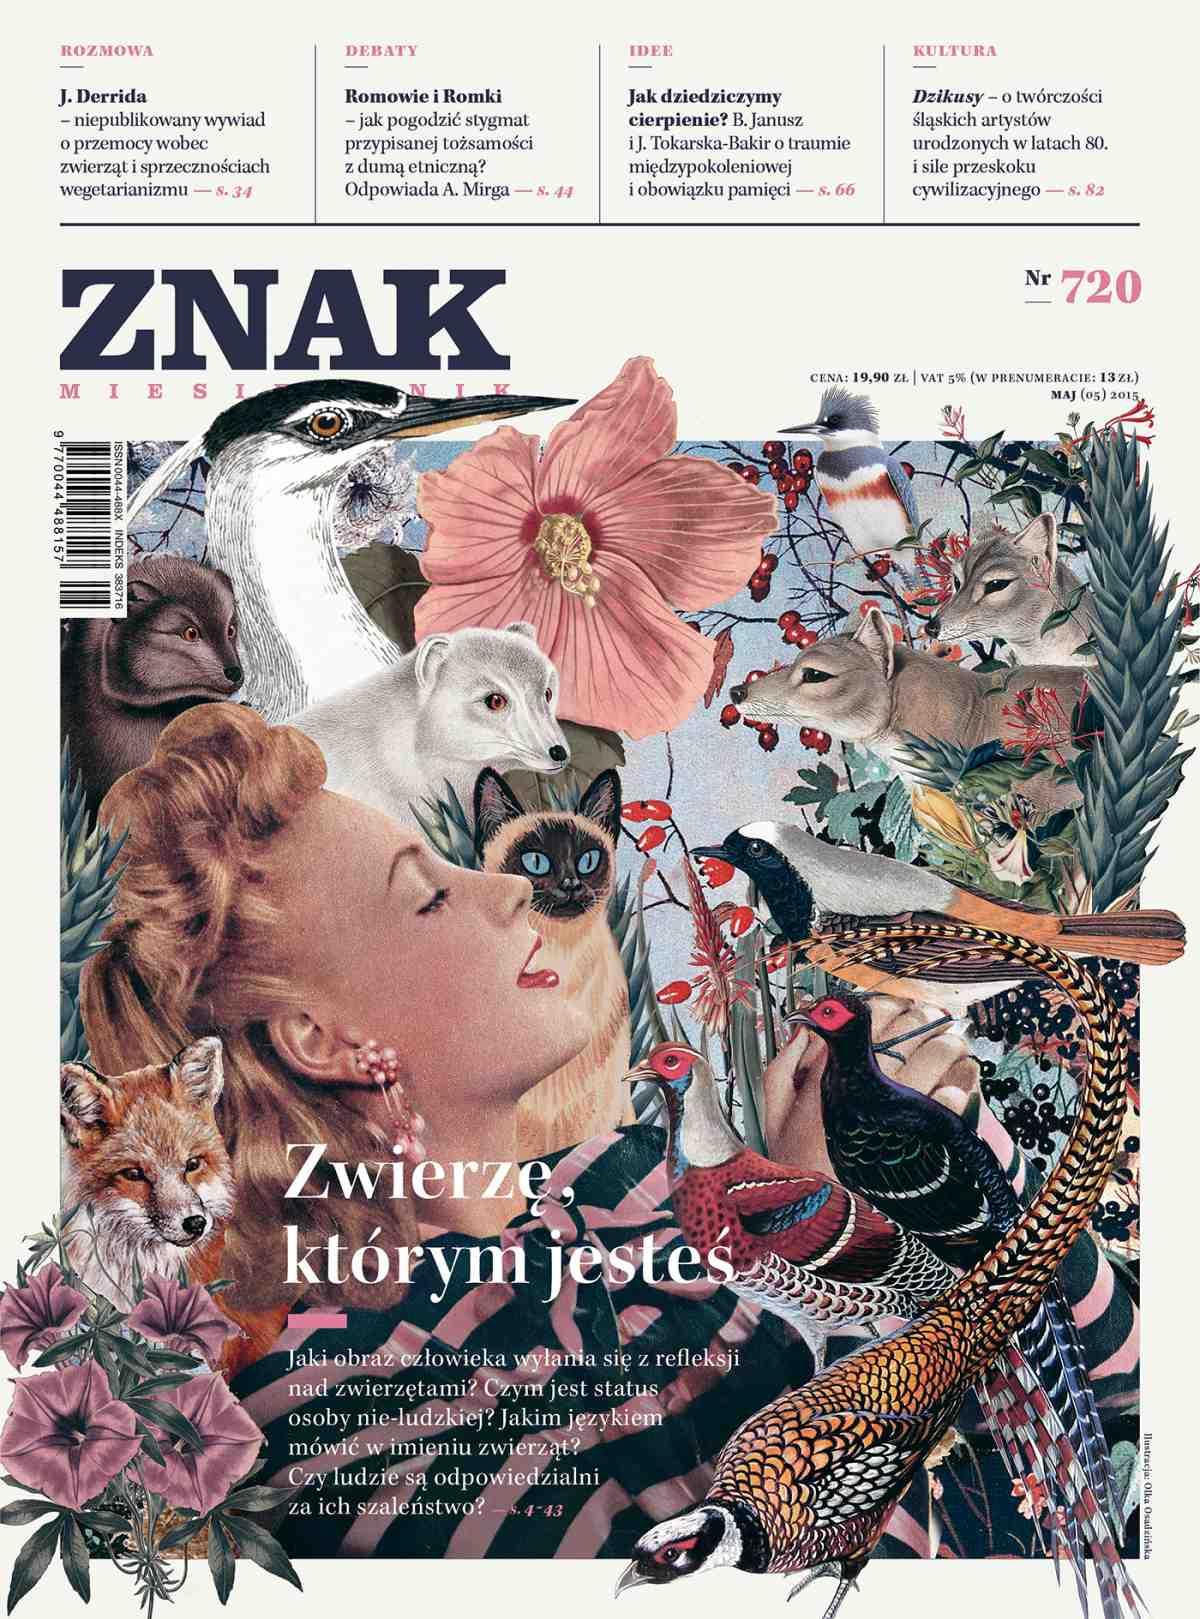 Miesięcznik Znak. Maj 2015 - Ebook (Książka EPUB) do pobrania w formacie EPUB